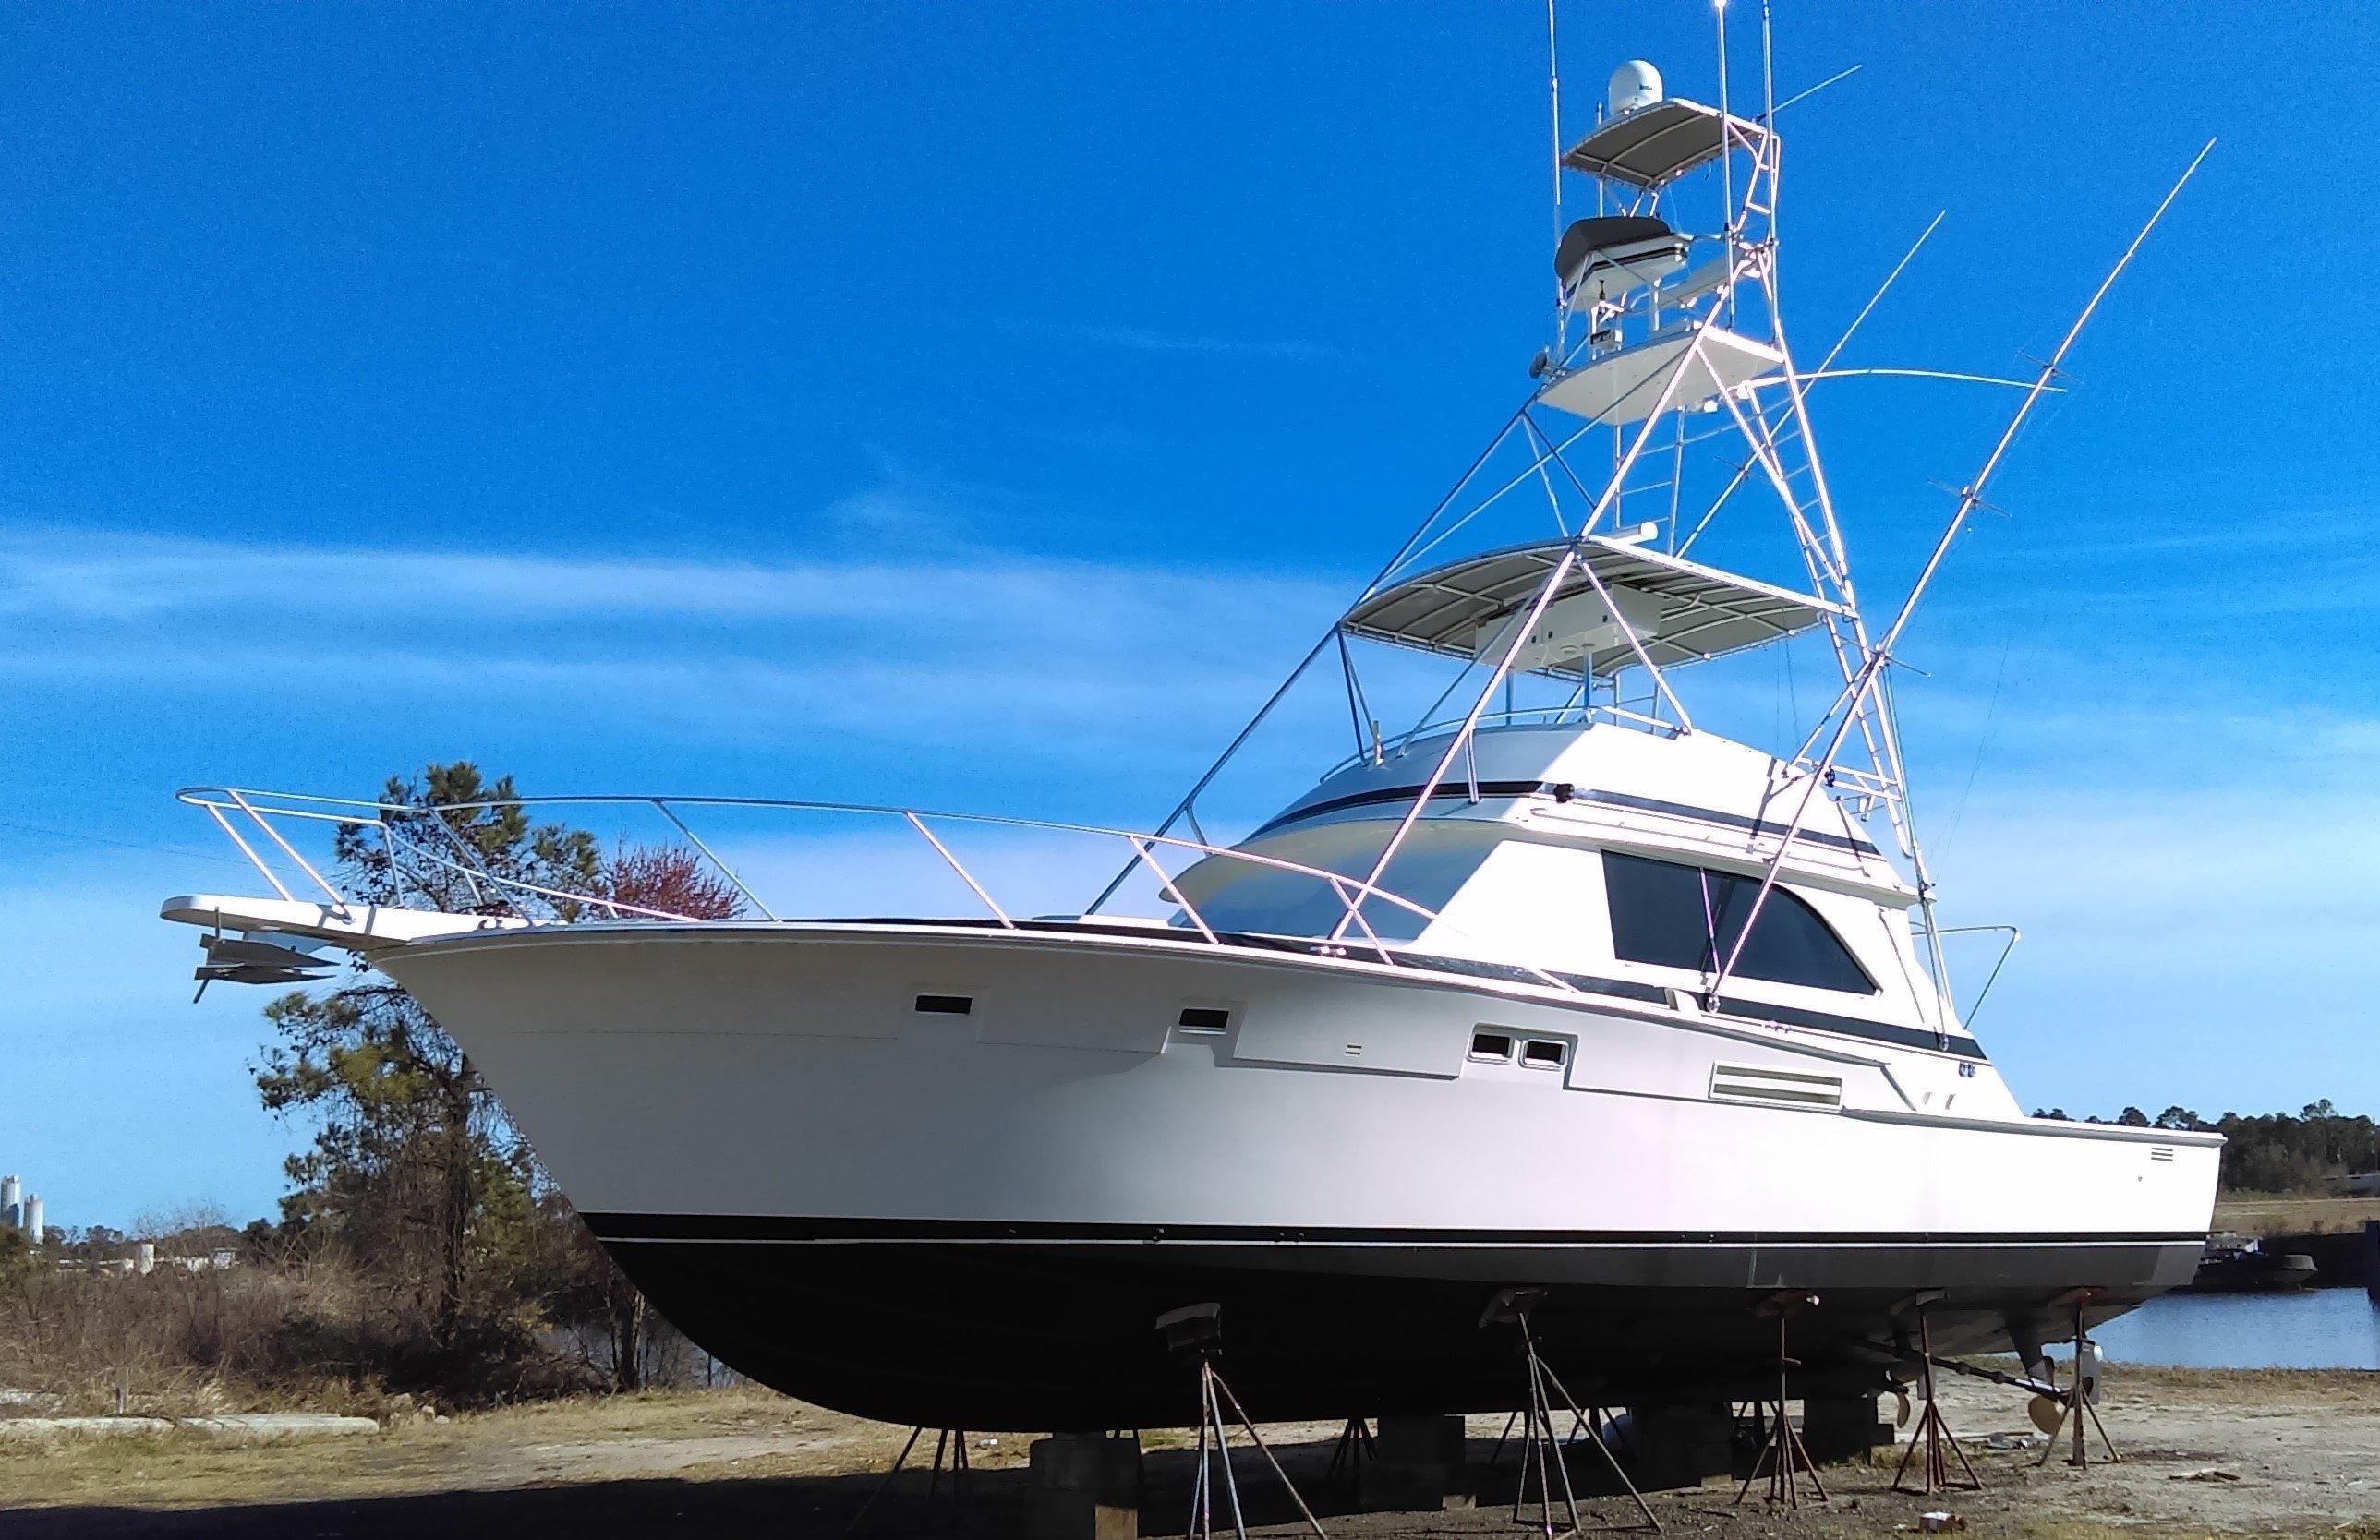 1985 Bertram 46 Convertible Power Boat For Sale Www